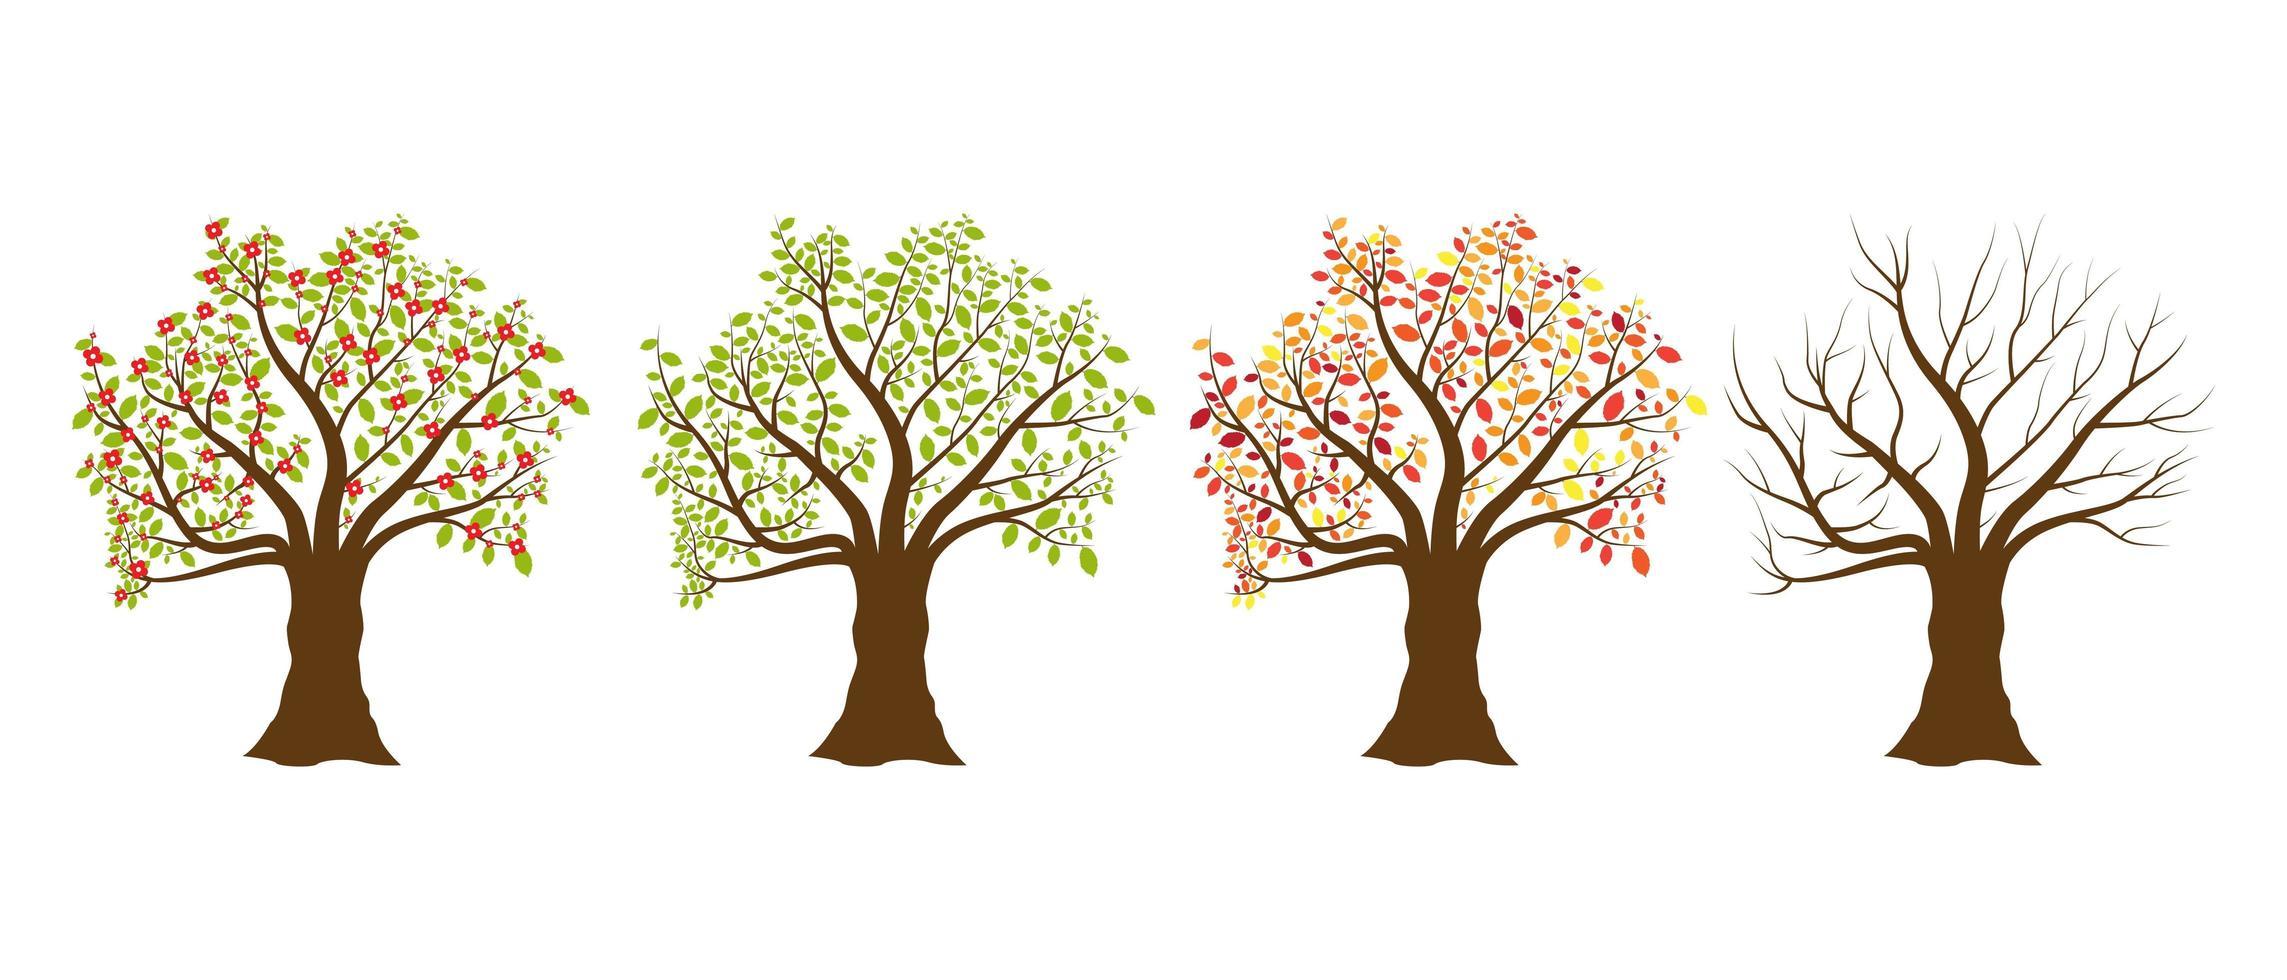 alberi di quattro stagioni vettore